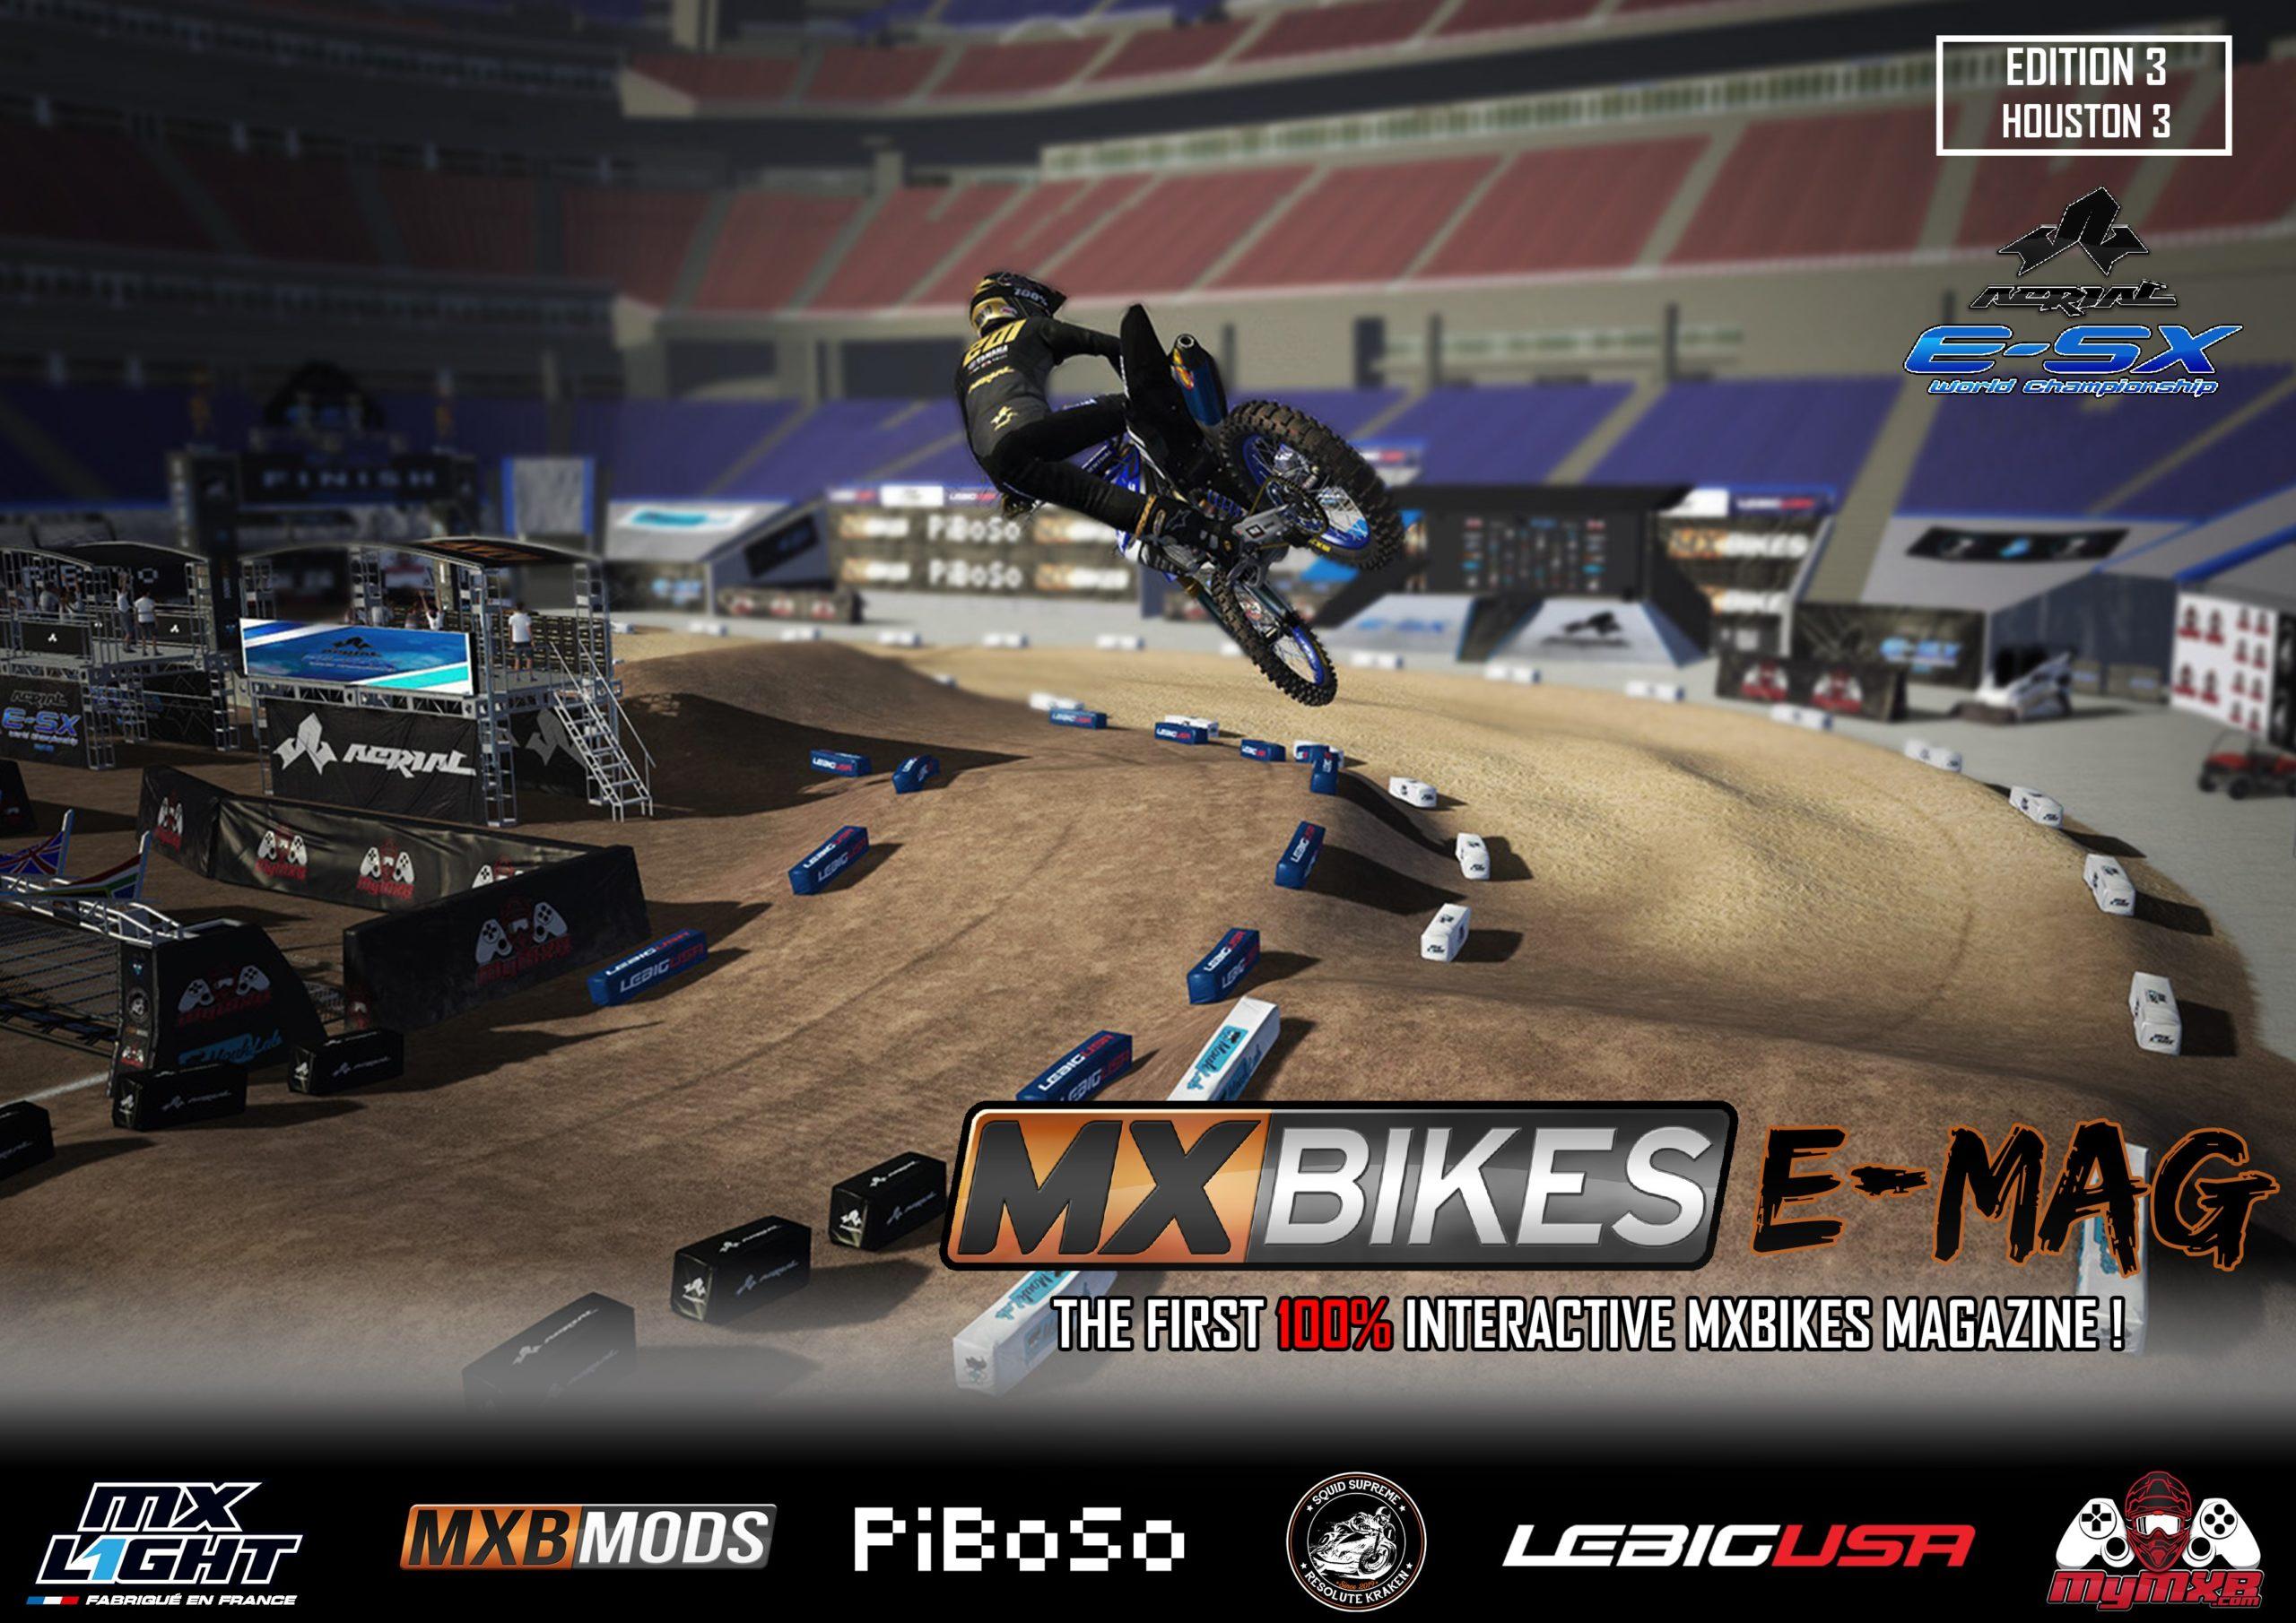 MX Bikes E-MAG #3